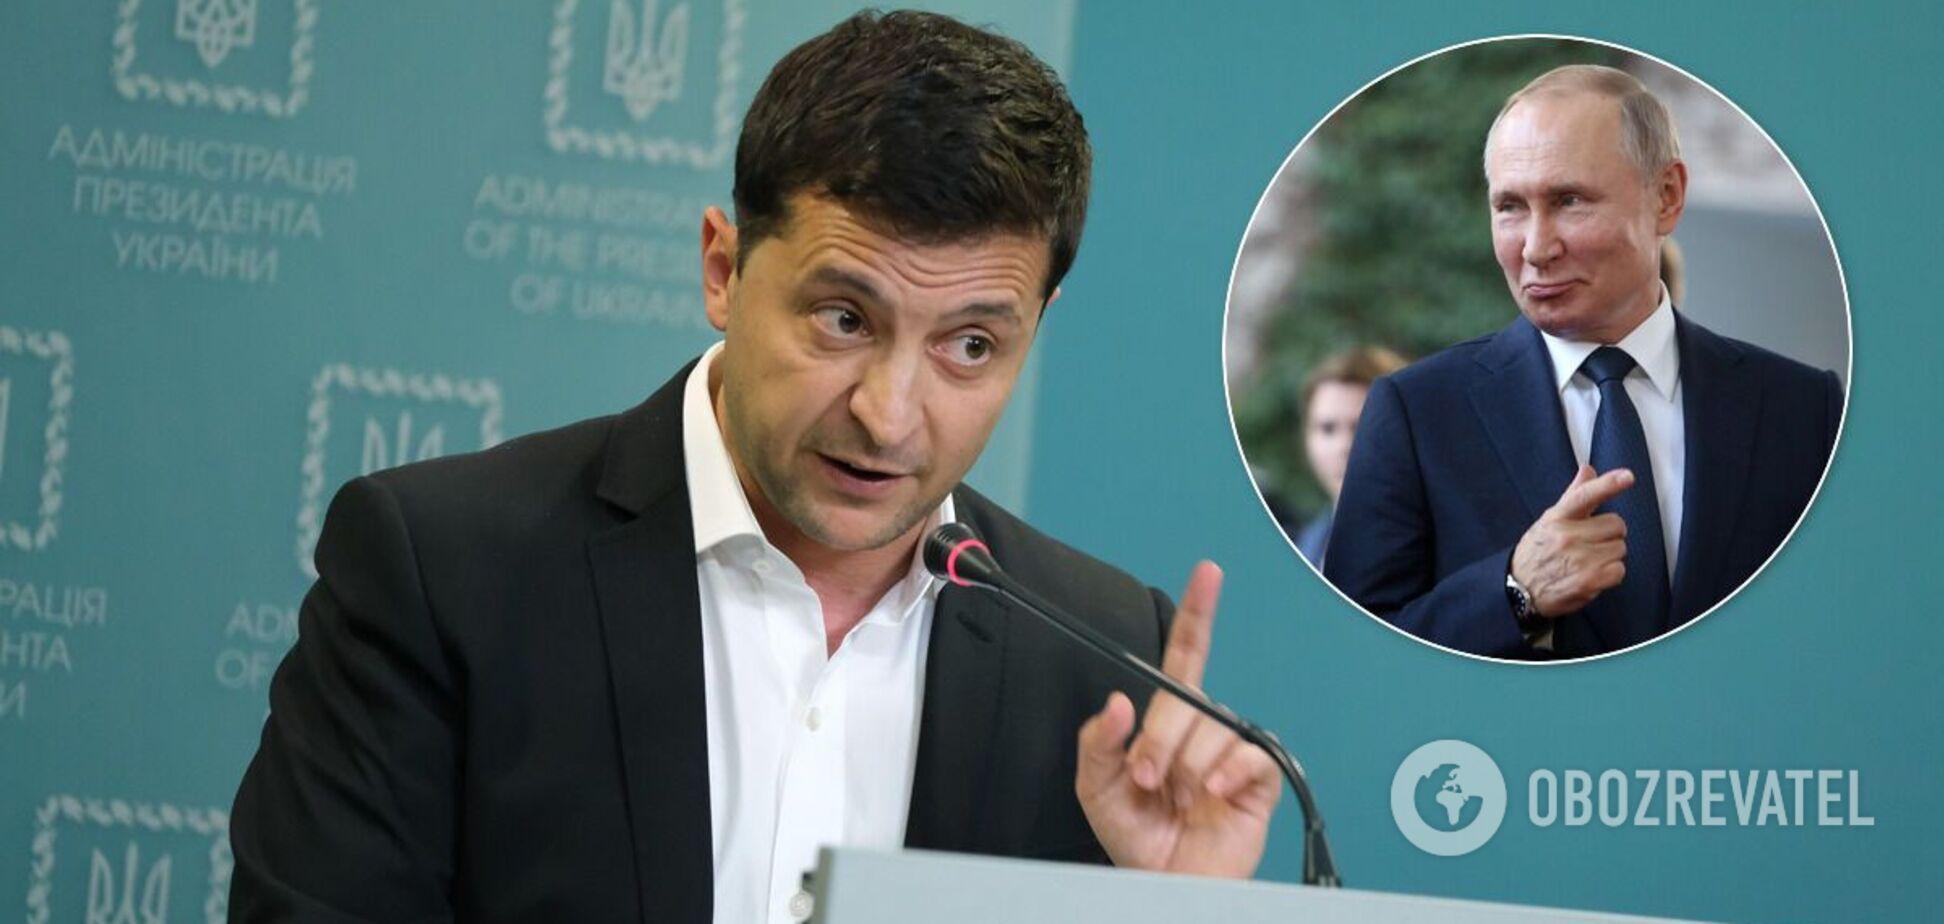 У Зеленского сказали, почему решили позвать Путина на Донбасс